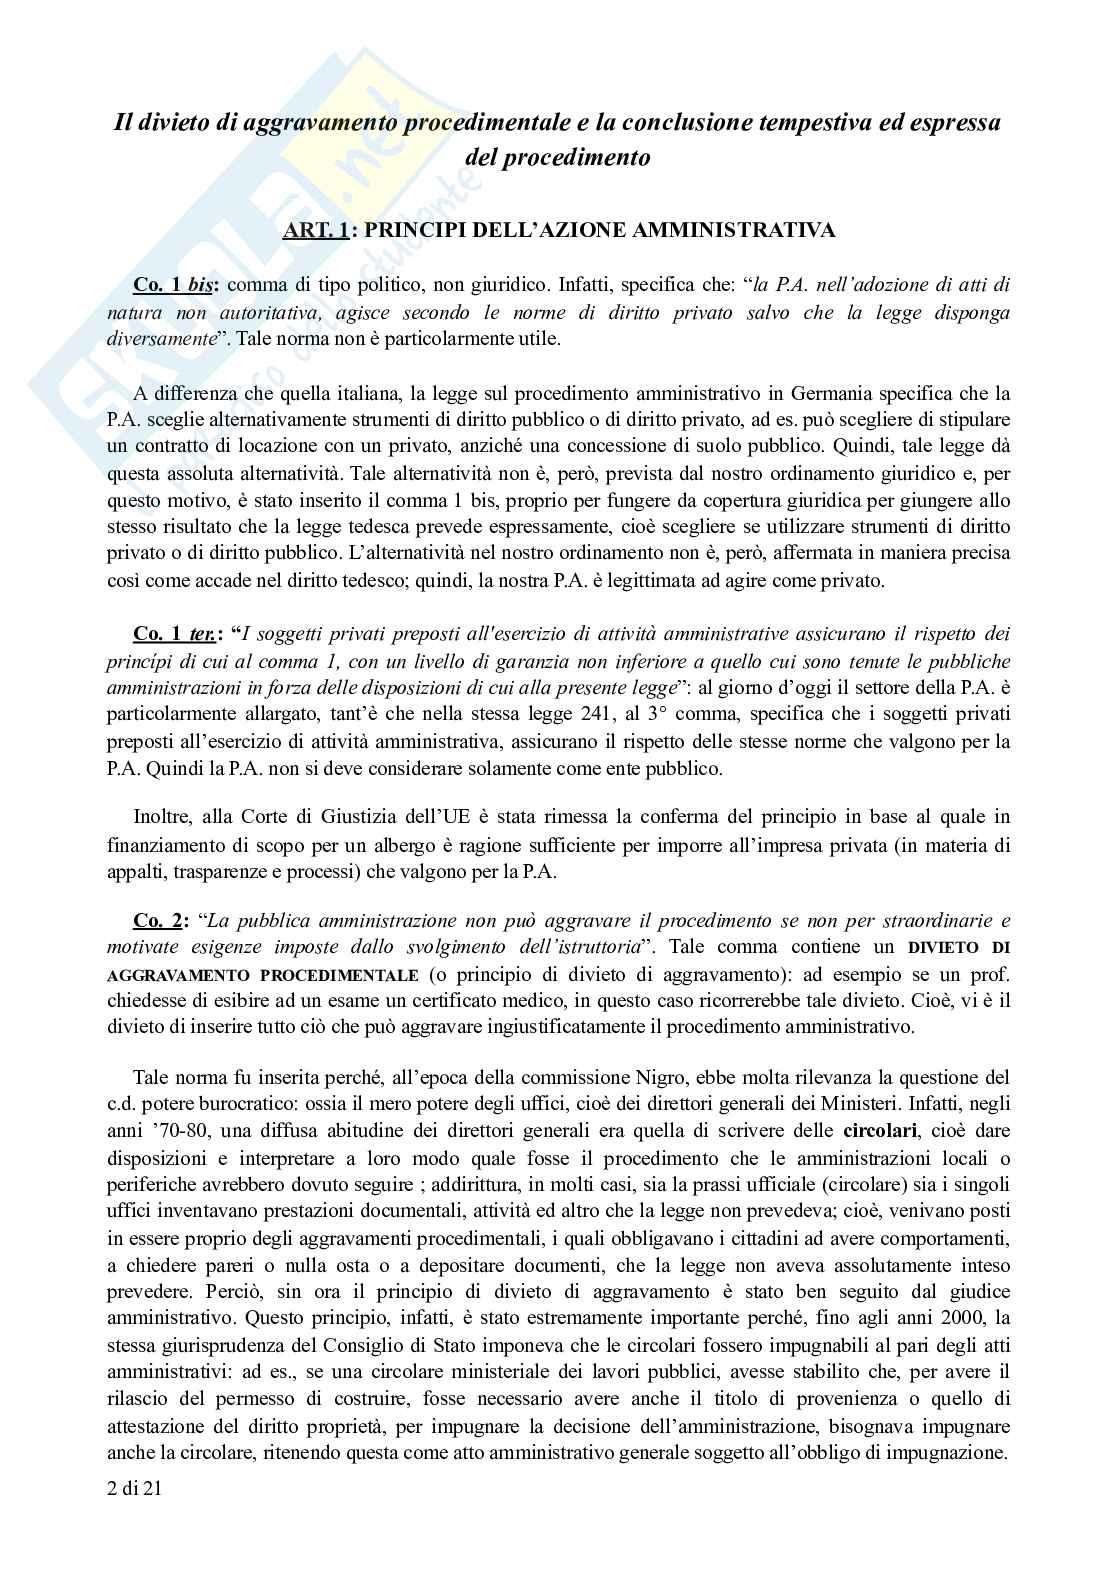 Appunti di Diritto Amministrativo: legge sul procedimento amministrativo (L. 241/1990) commentata Pag. 2